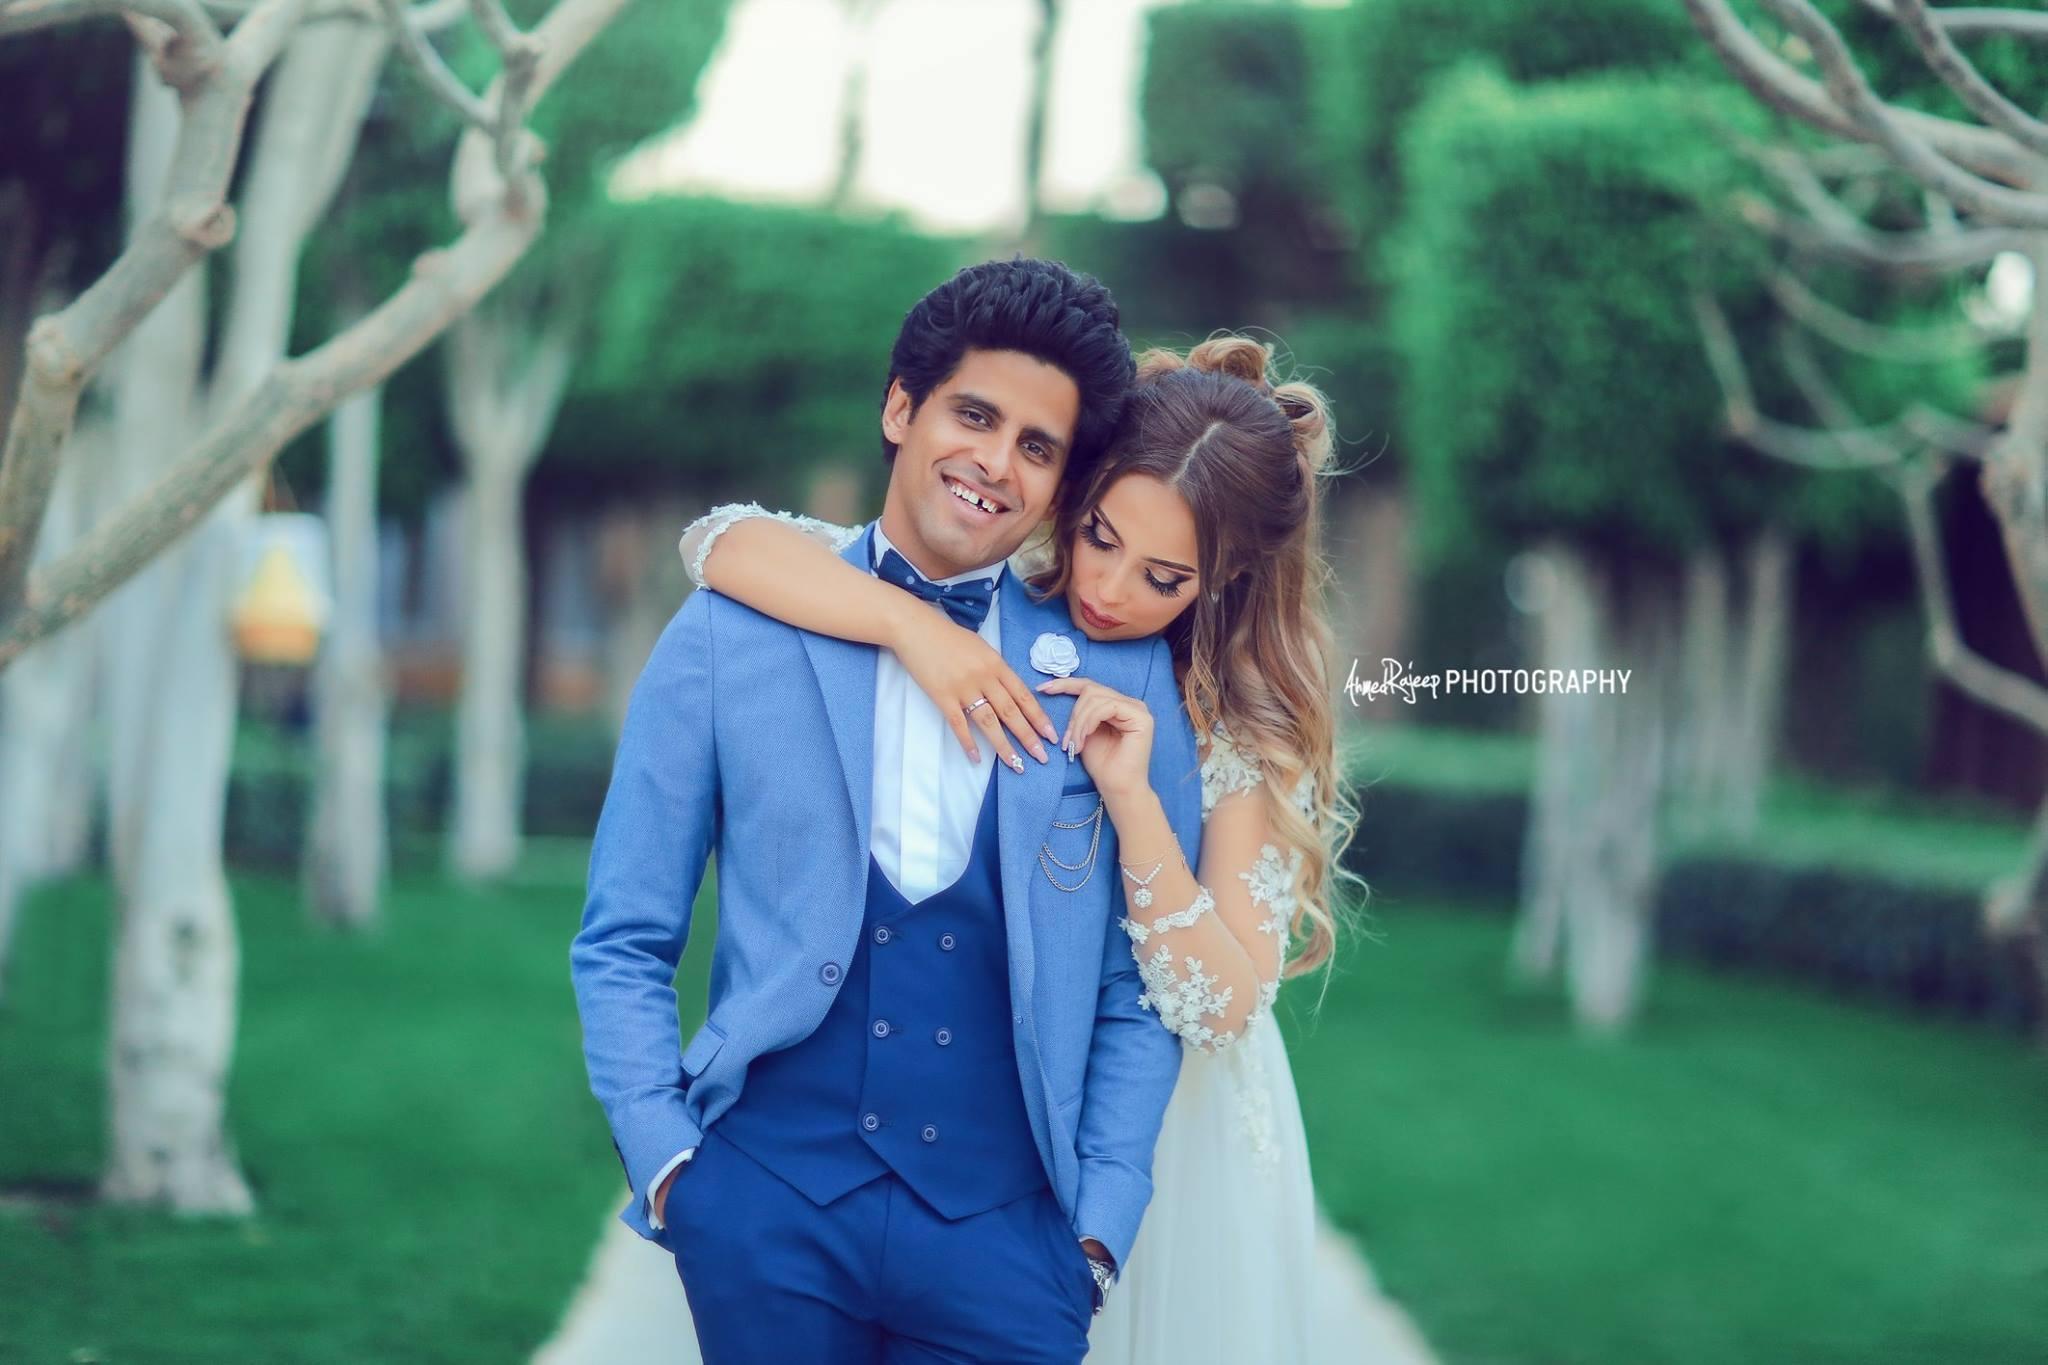 جلسة تصوير حفل زفاف حمدى الميرغنى واسراء عبد الفتاح (8)